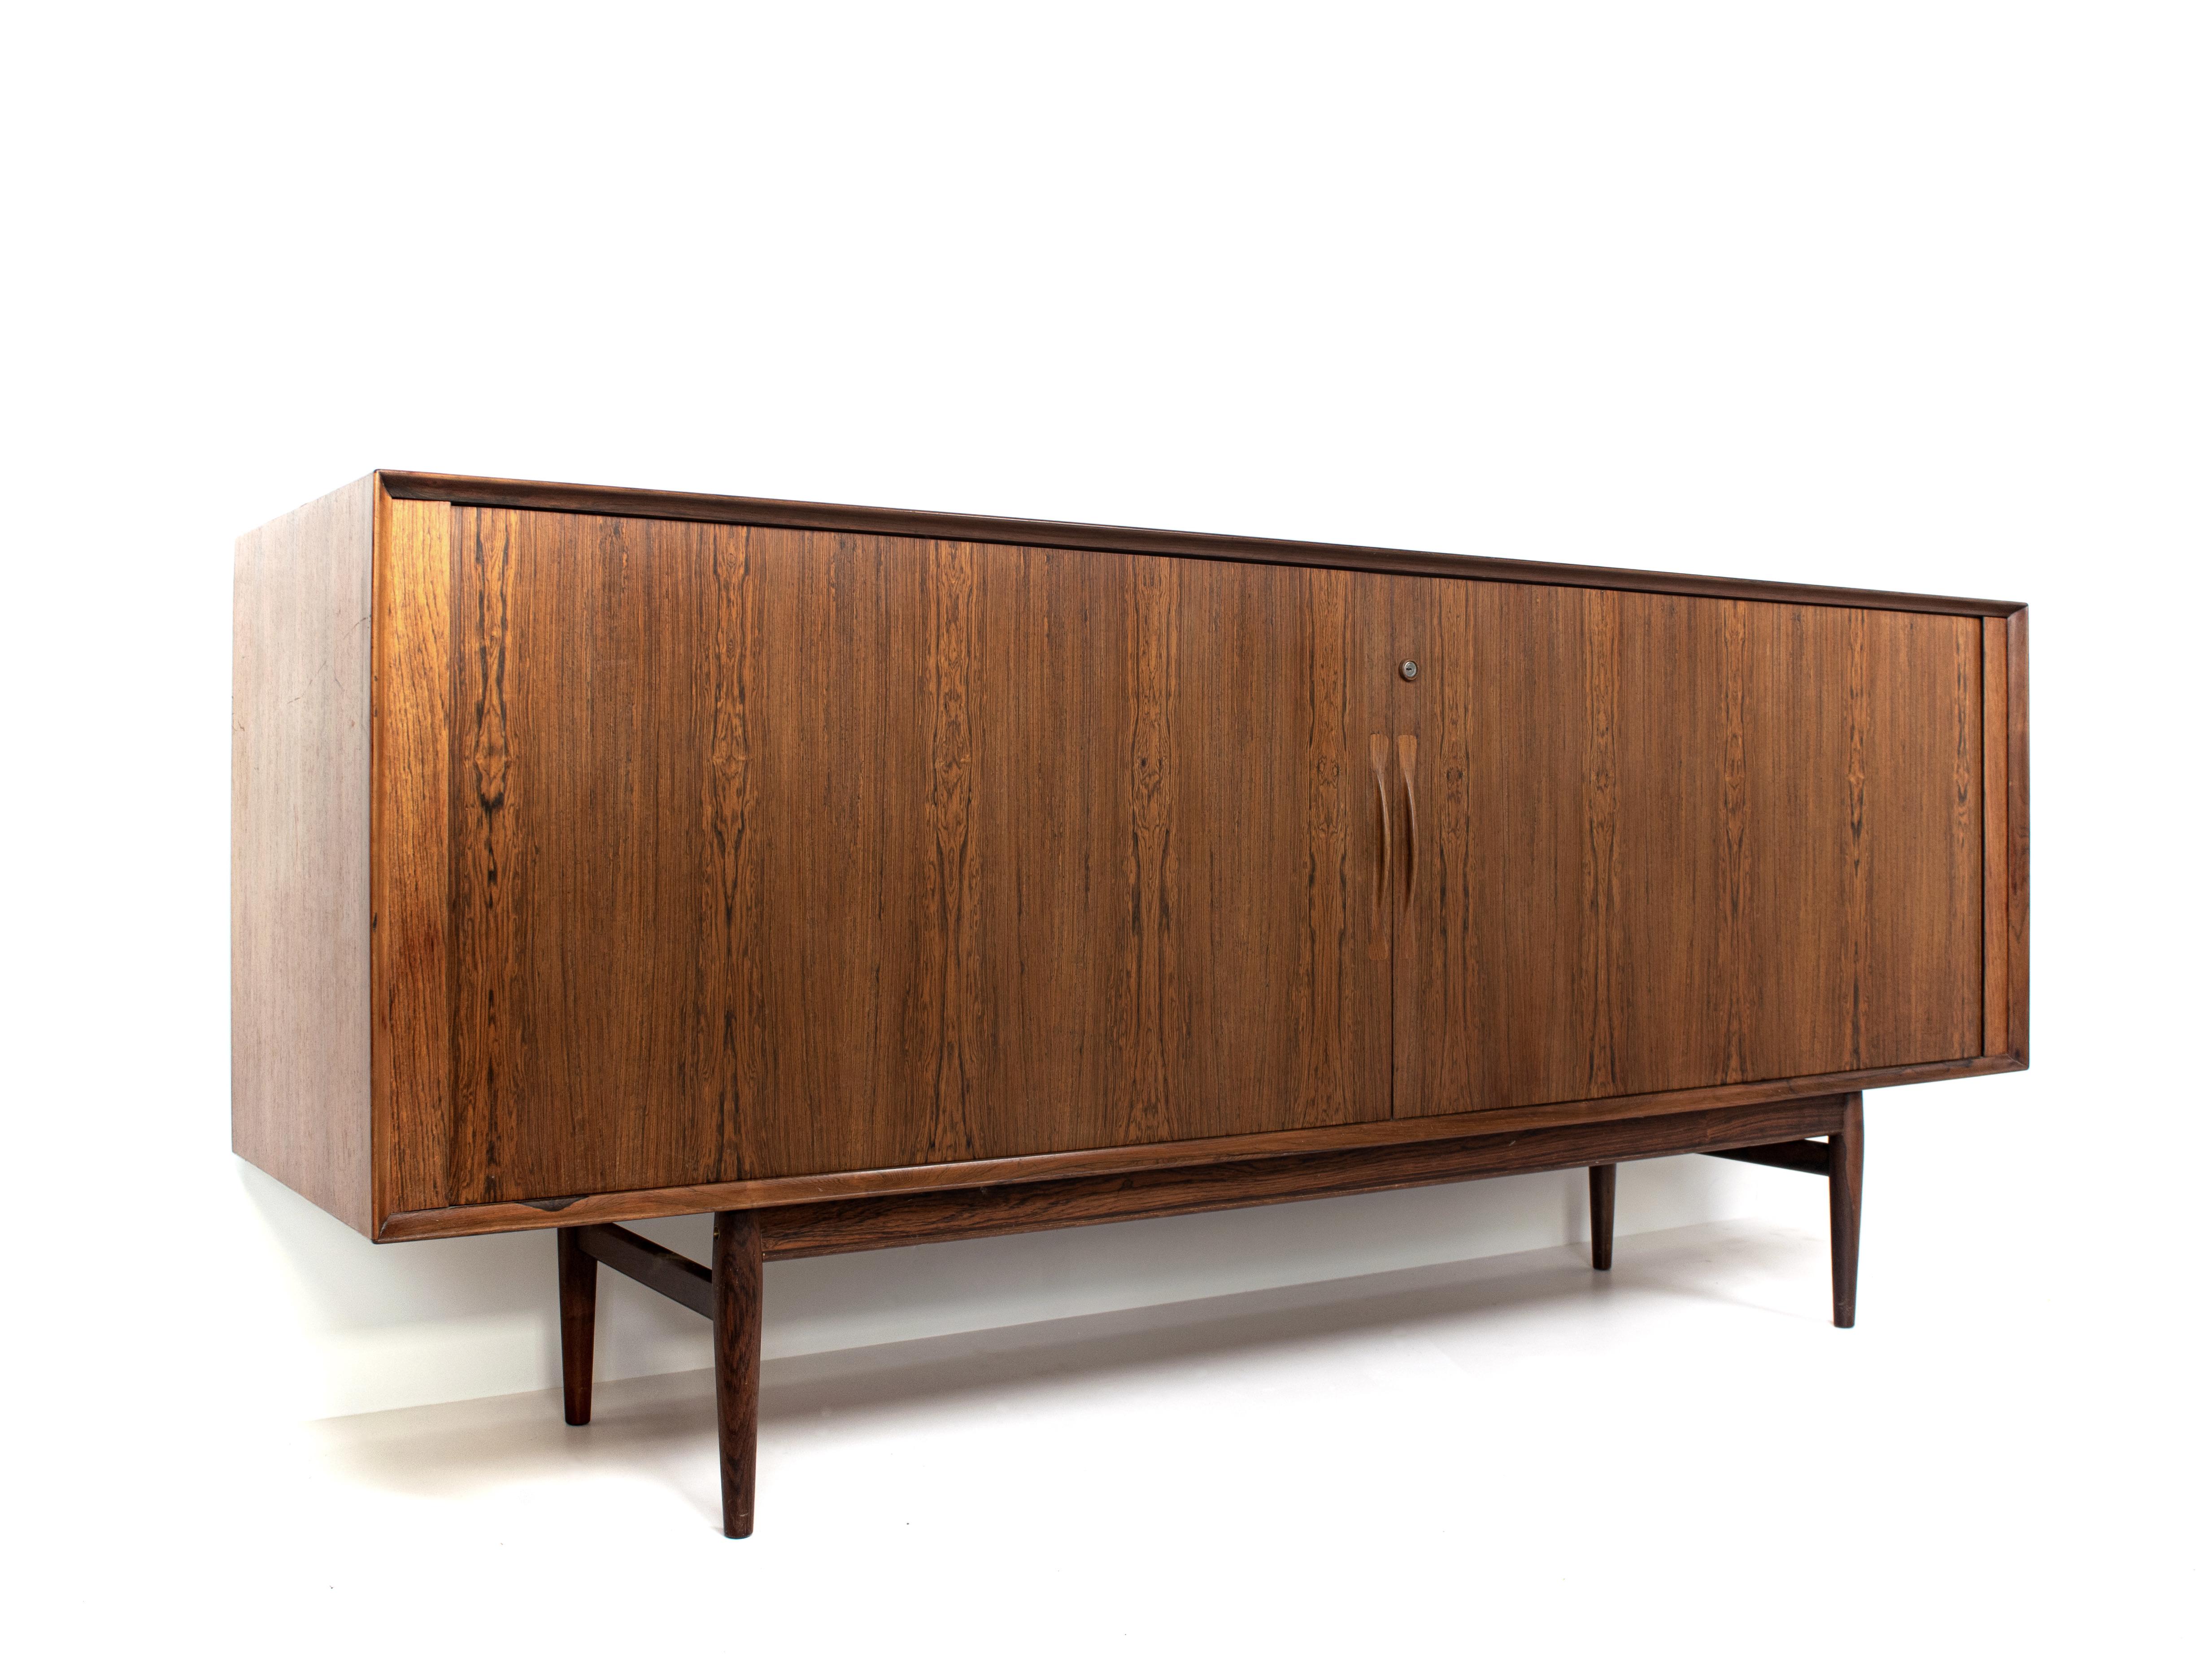 Arne Vodder Tambour Sideboard in Rosewood for Sibast Møbler, Denmark 1960s